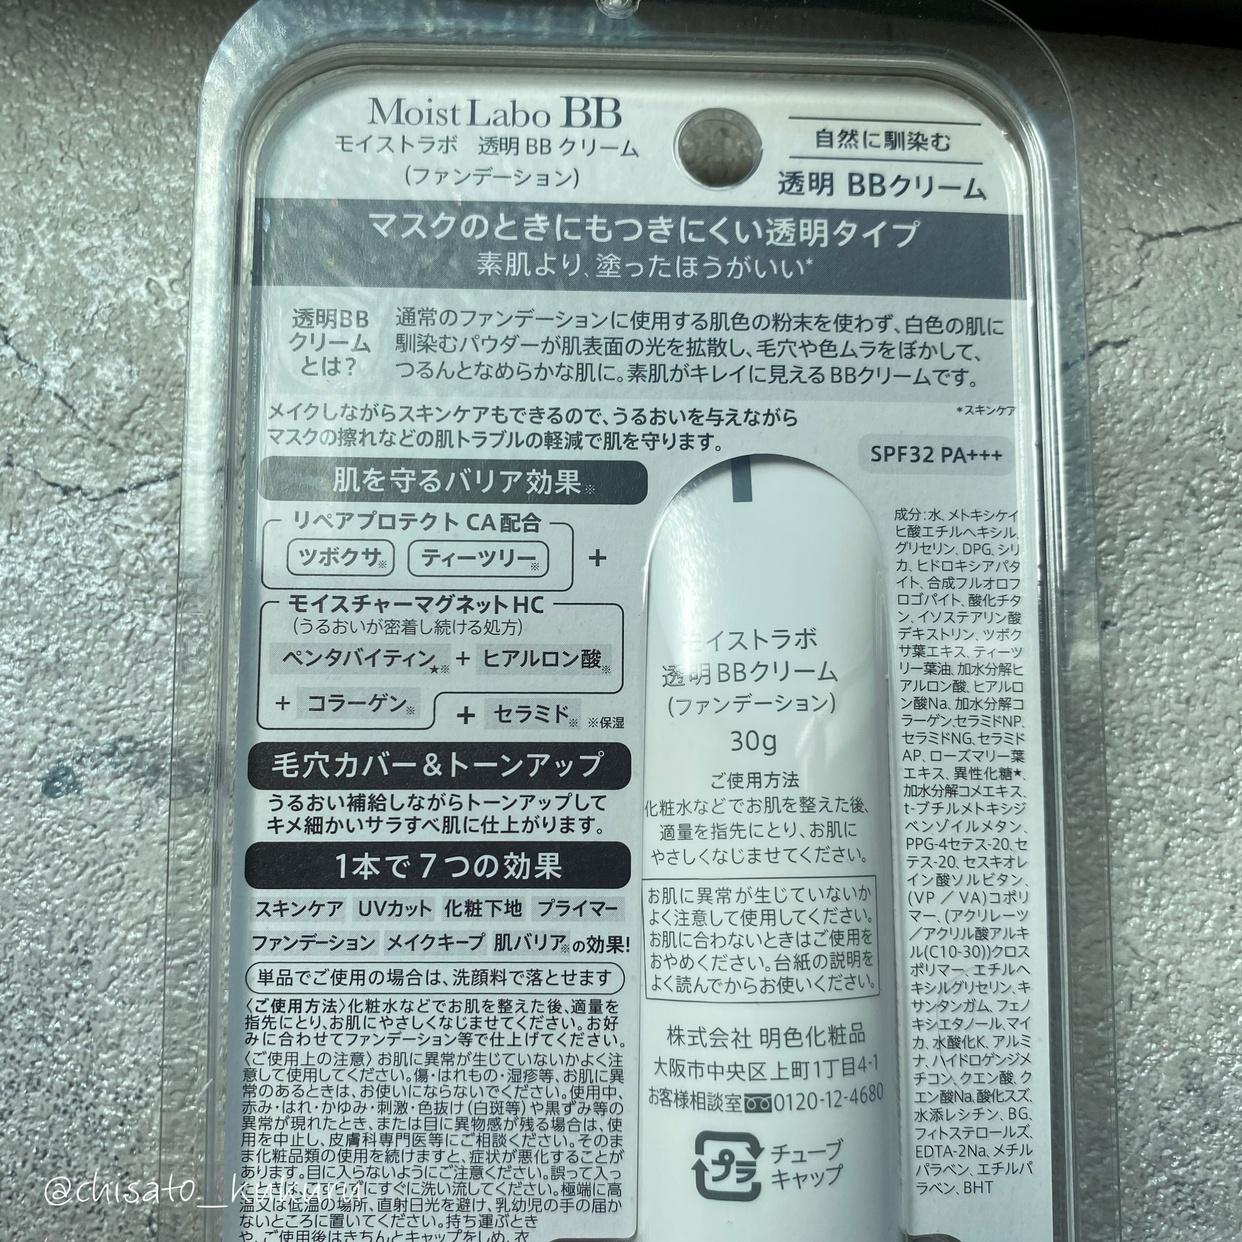 Moist Labo(モイストラボ) 透明BBクリームを使ったkukuruさんのクチコミ画像3